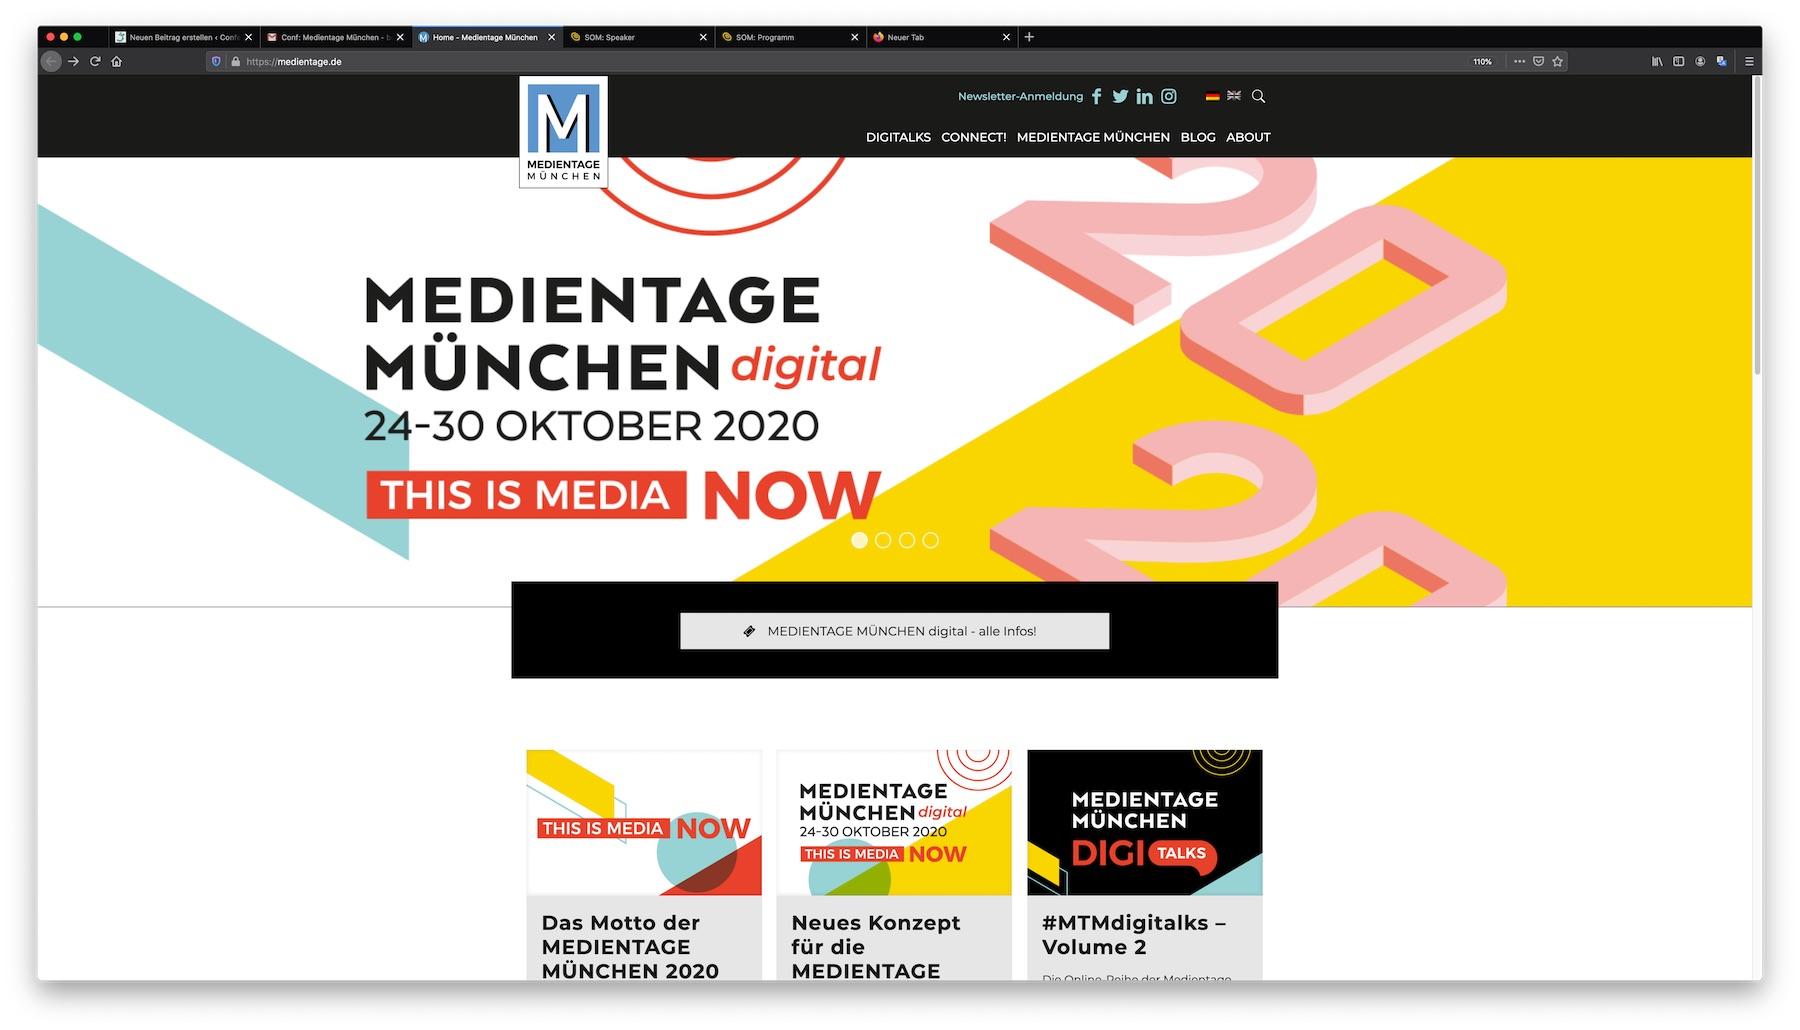 Medientage Muenchen Online-Konferenz